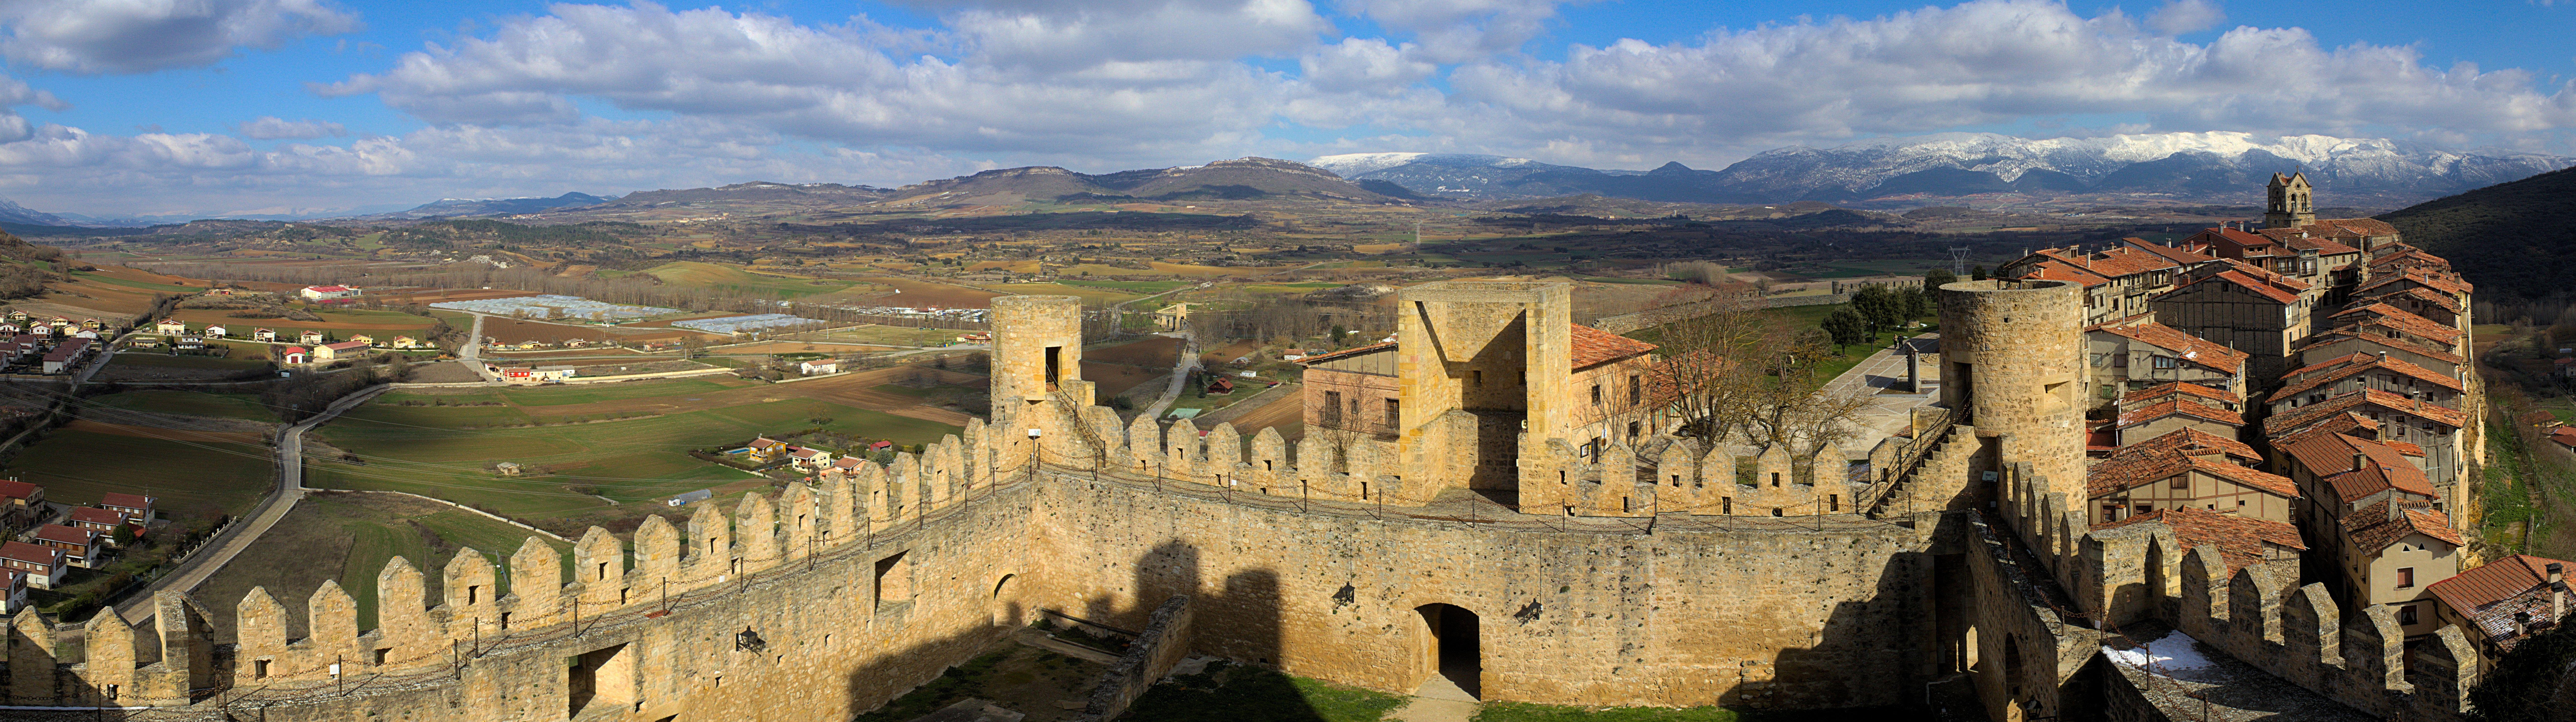 Recinto de Frias Burgos Spain.